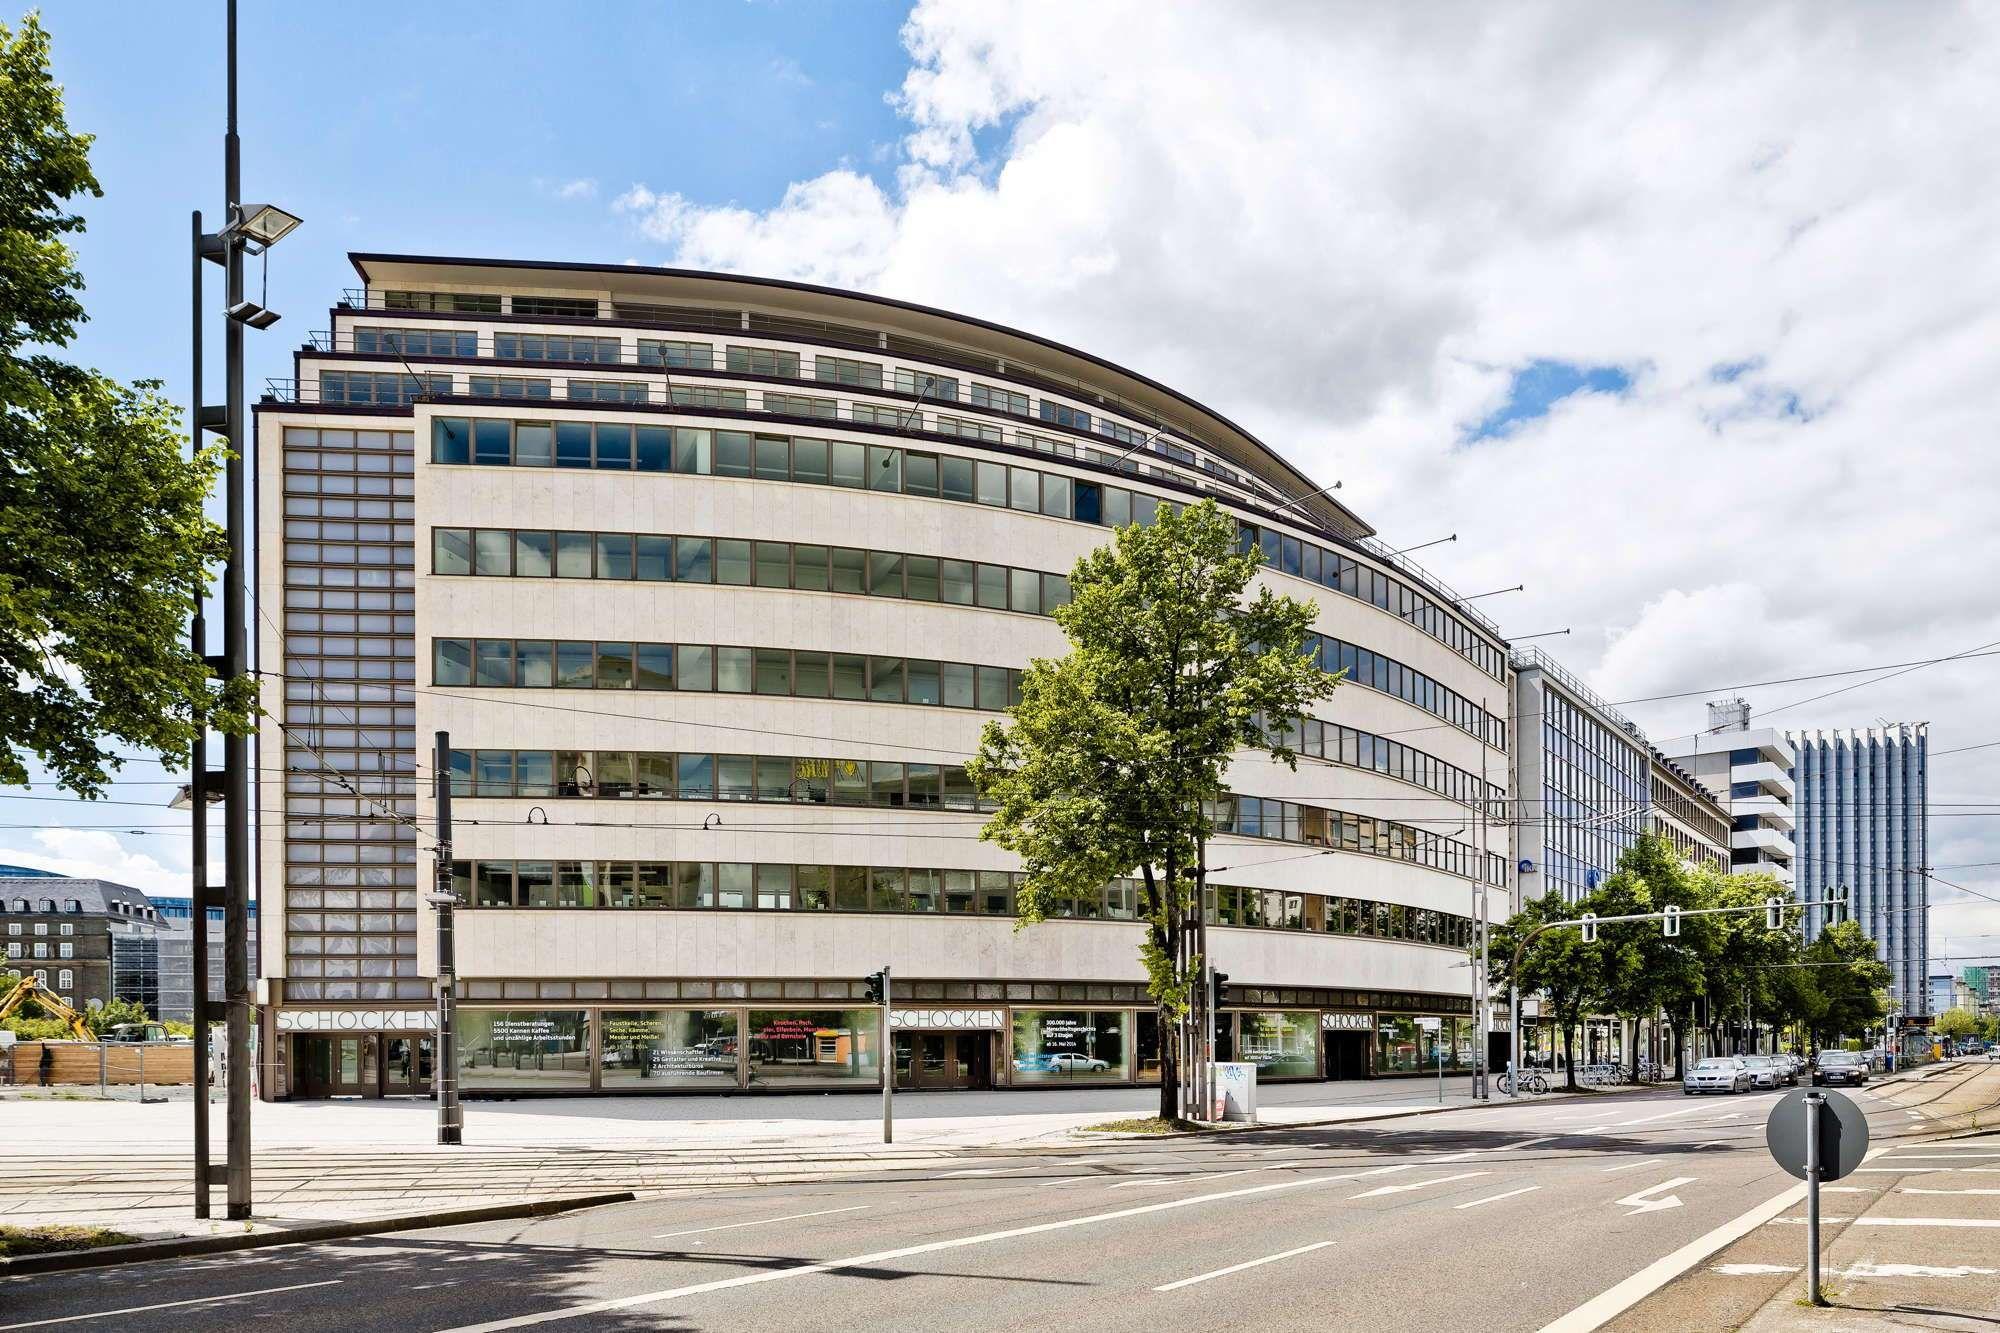 Architekten Chemnitz bandfenster mit nachtdesign schocken in chemnitz als museum